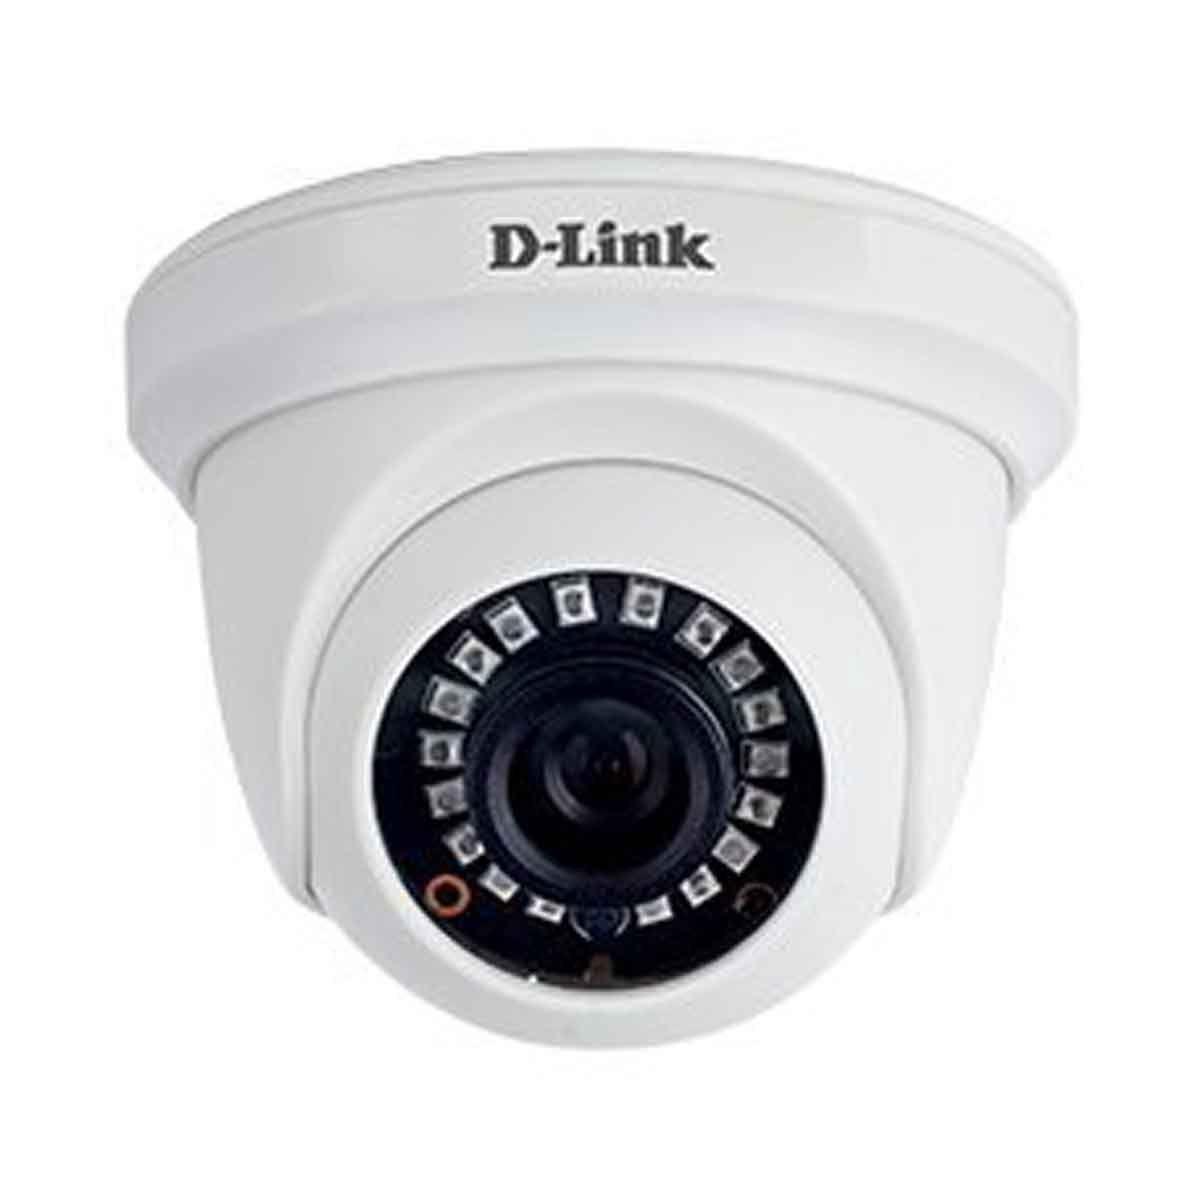 डी-लिंक DCS-F1611 Security कैमरा